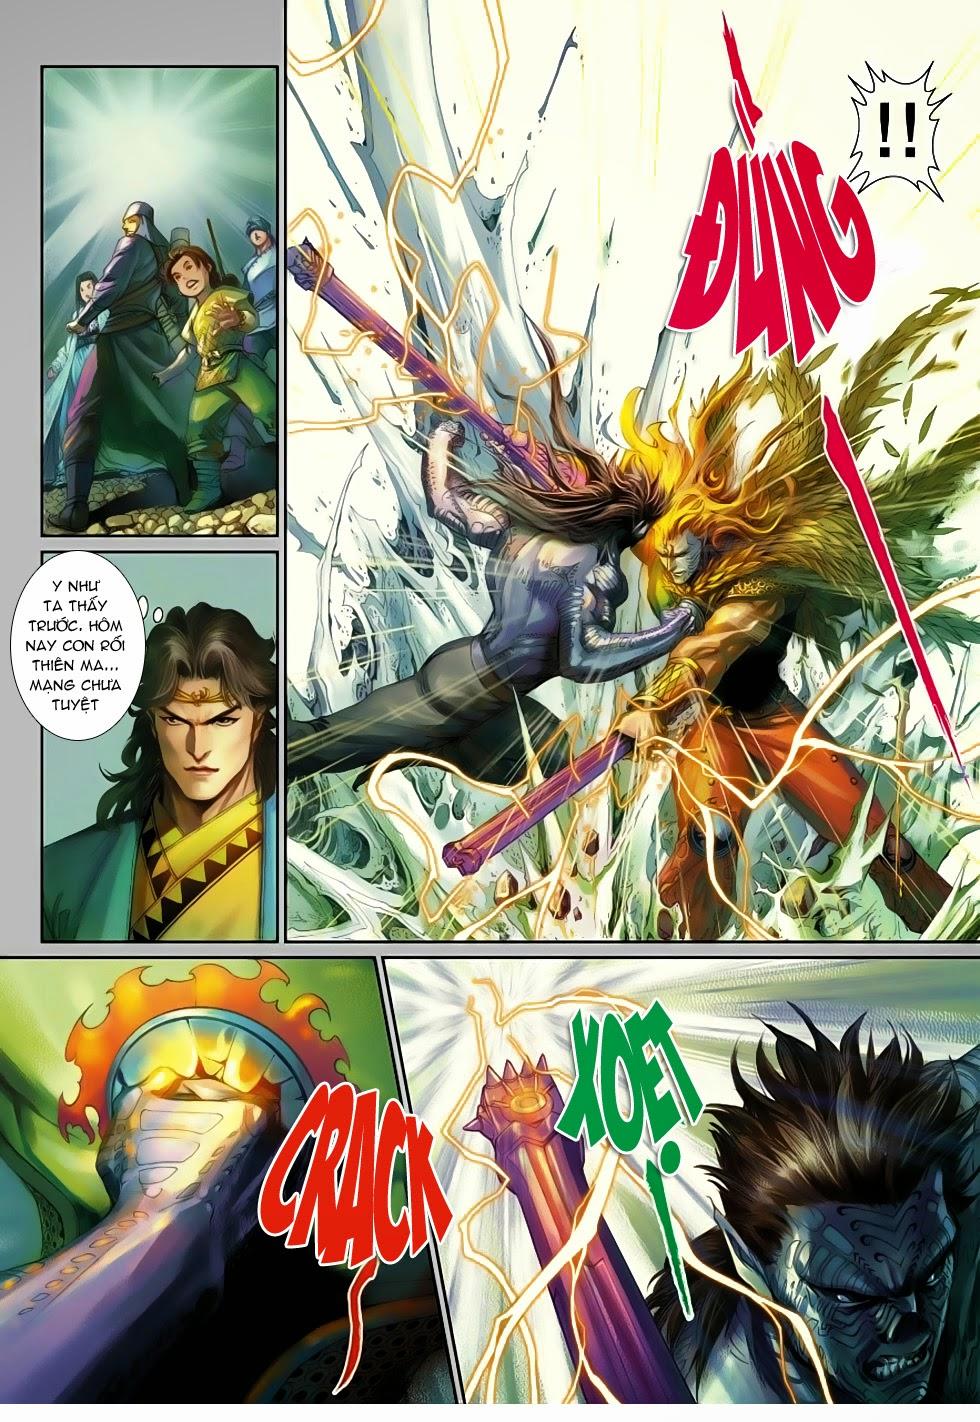 Thần Binh Tiền Truyện 4 - Huyền Thiên Tà Đế chap 13 - Trang 20